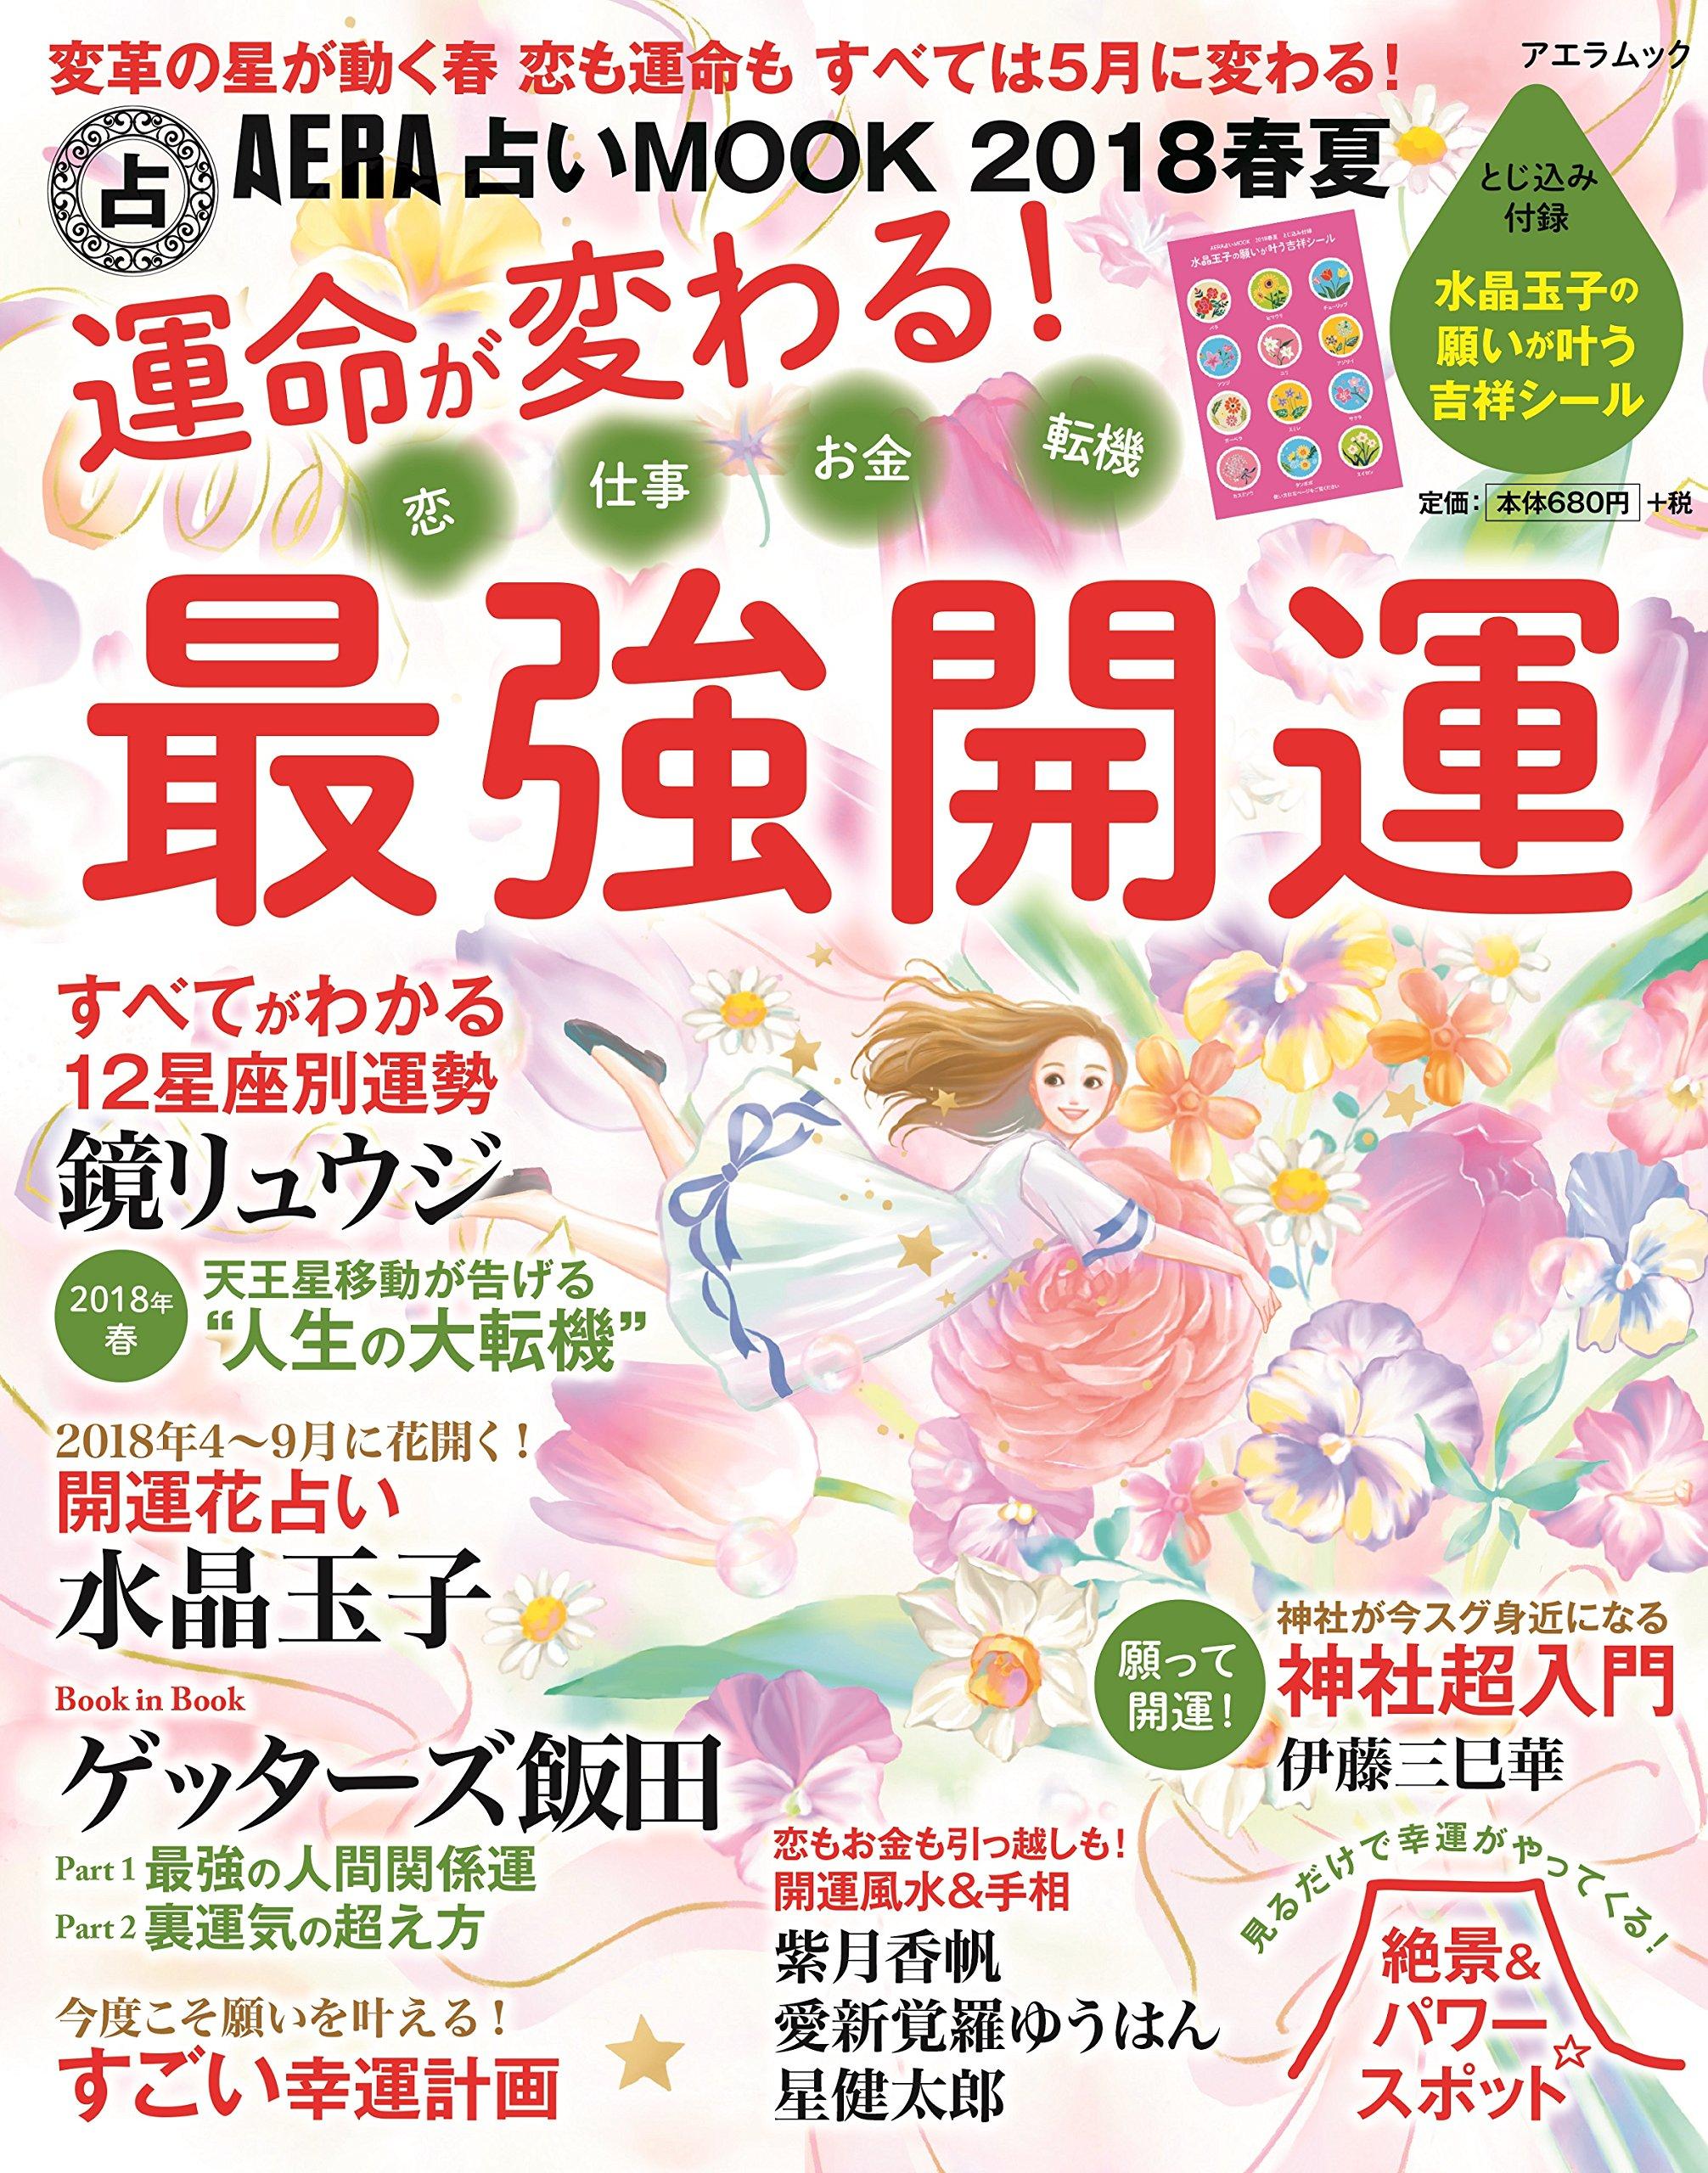 占いMOOK 【2018春夏】 運命が変わる! 最強開運 (AERAムック)!